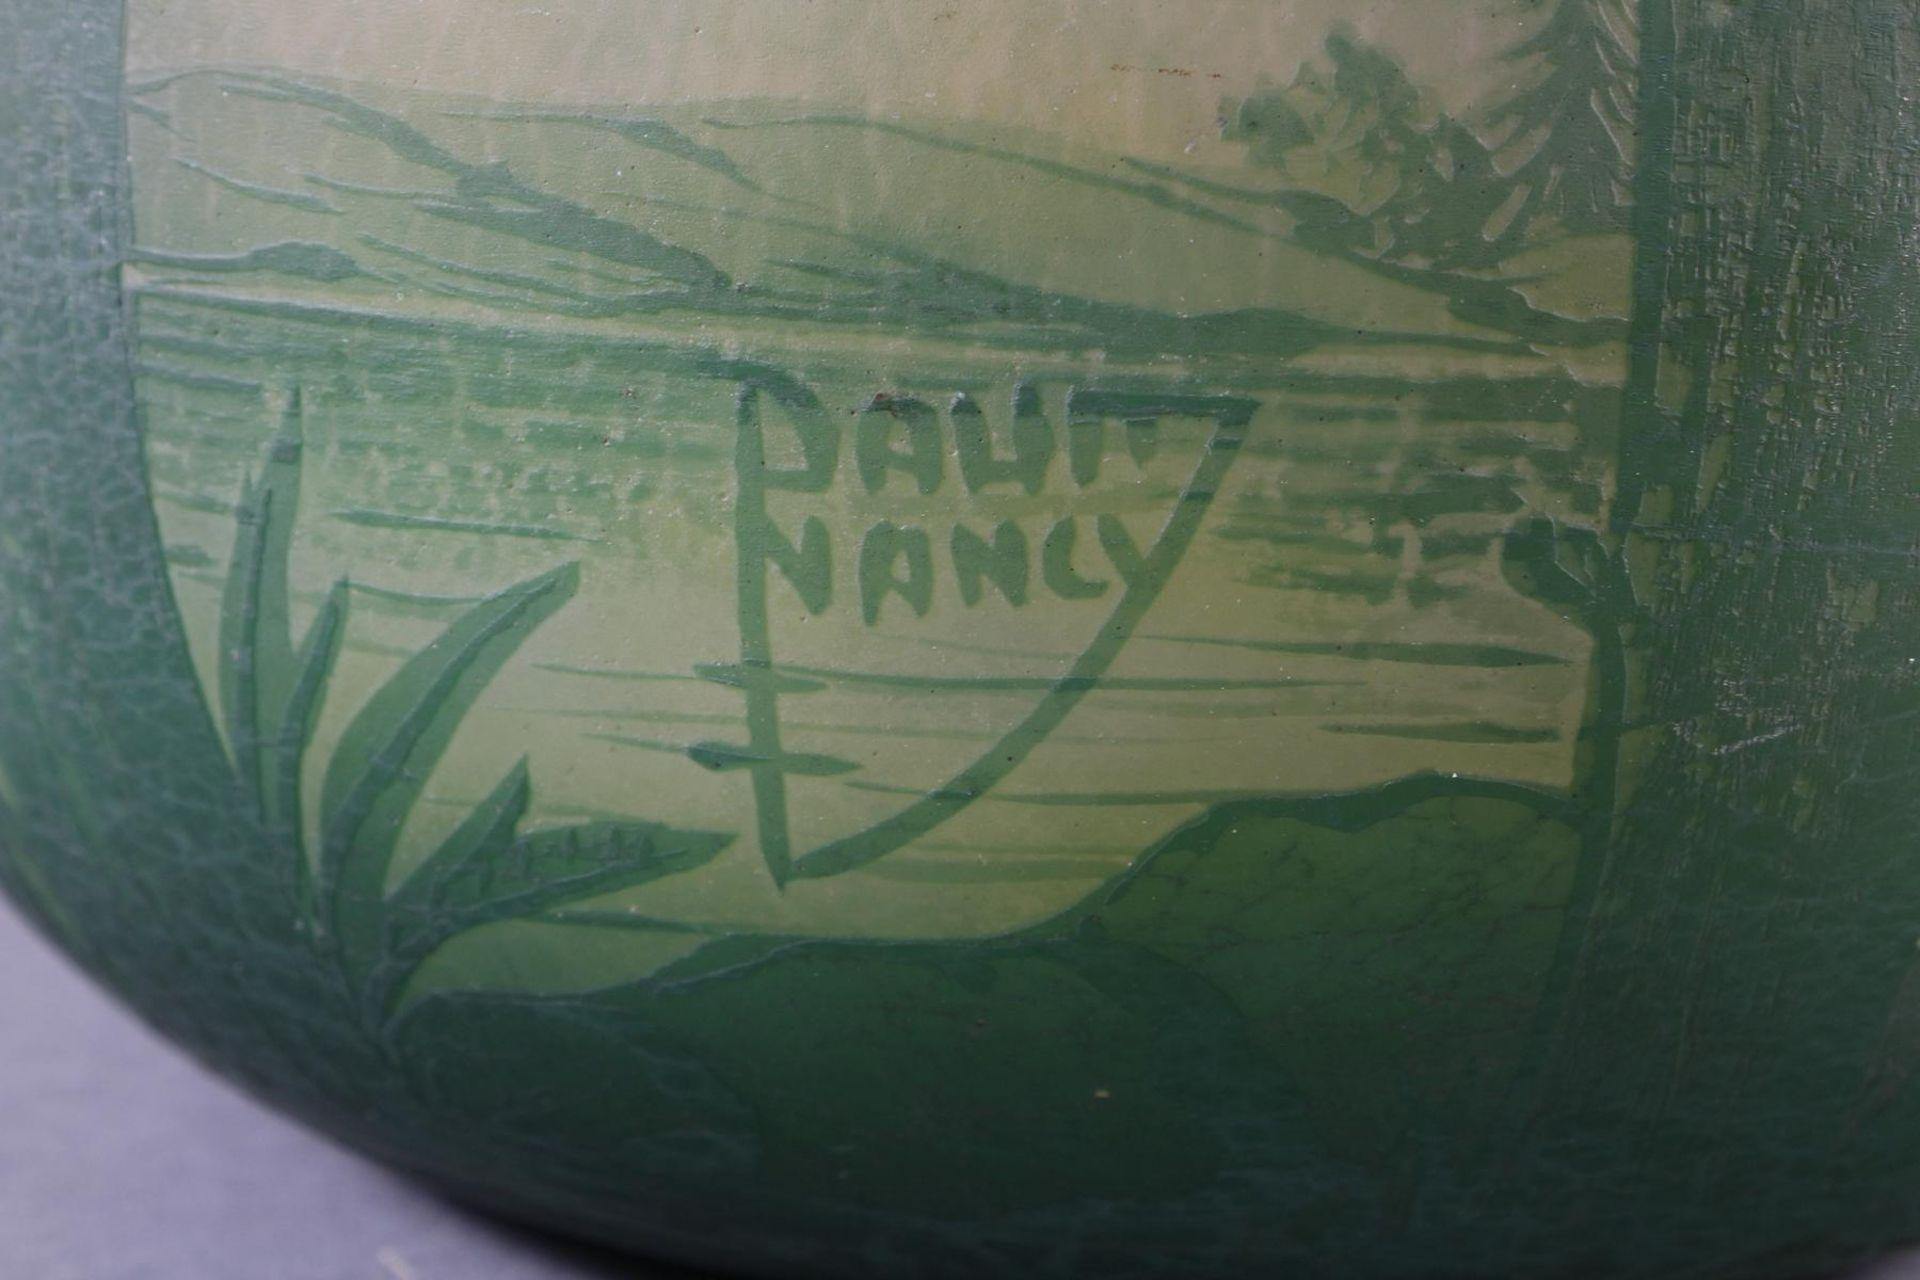 Daum Nancy, Vase Frankreich um 1900 - Bild 7 aus 9